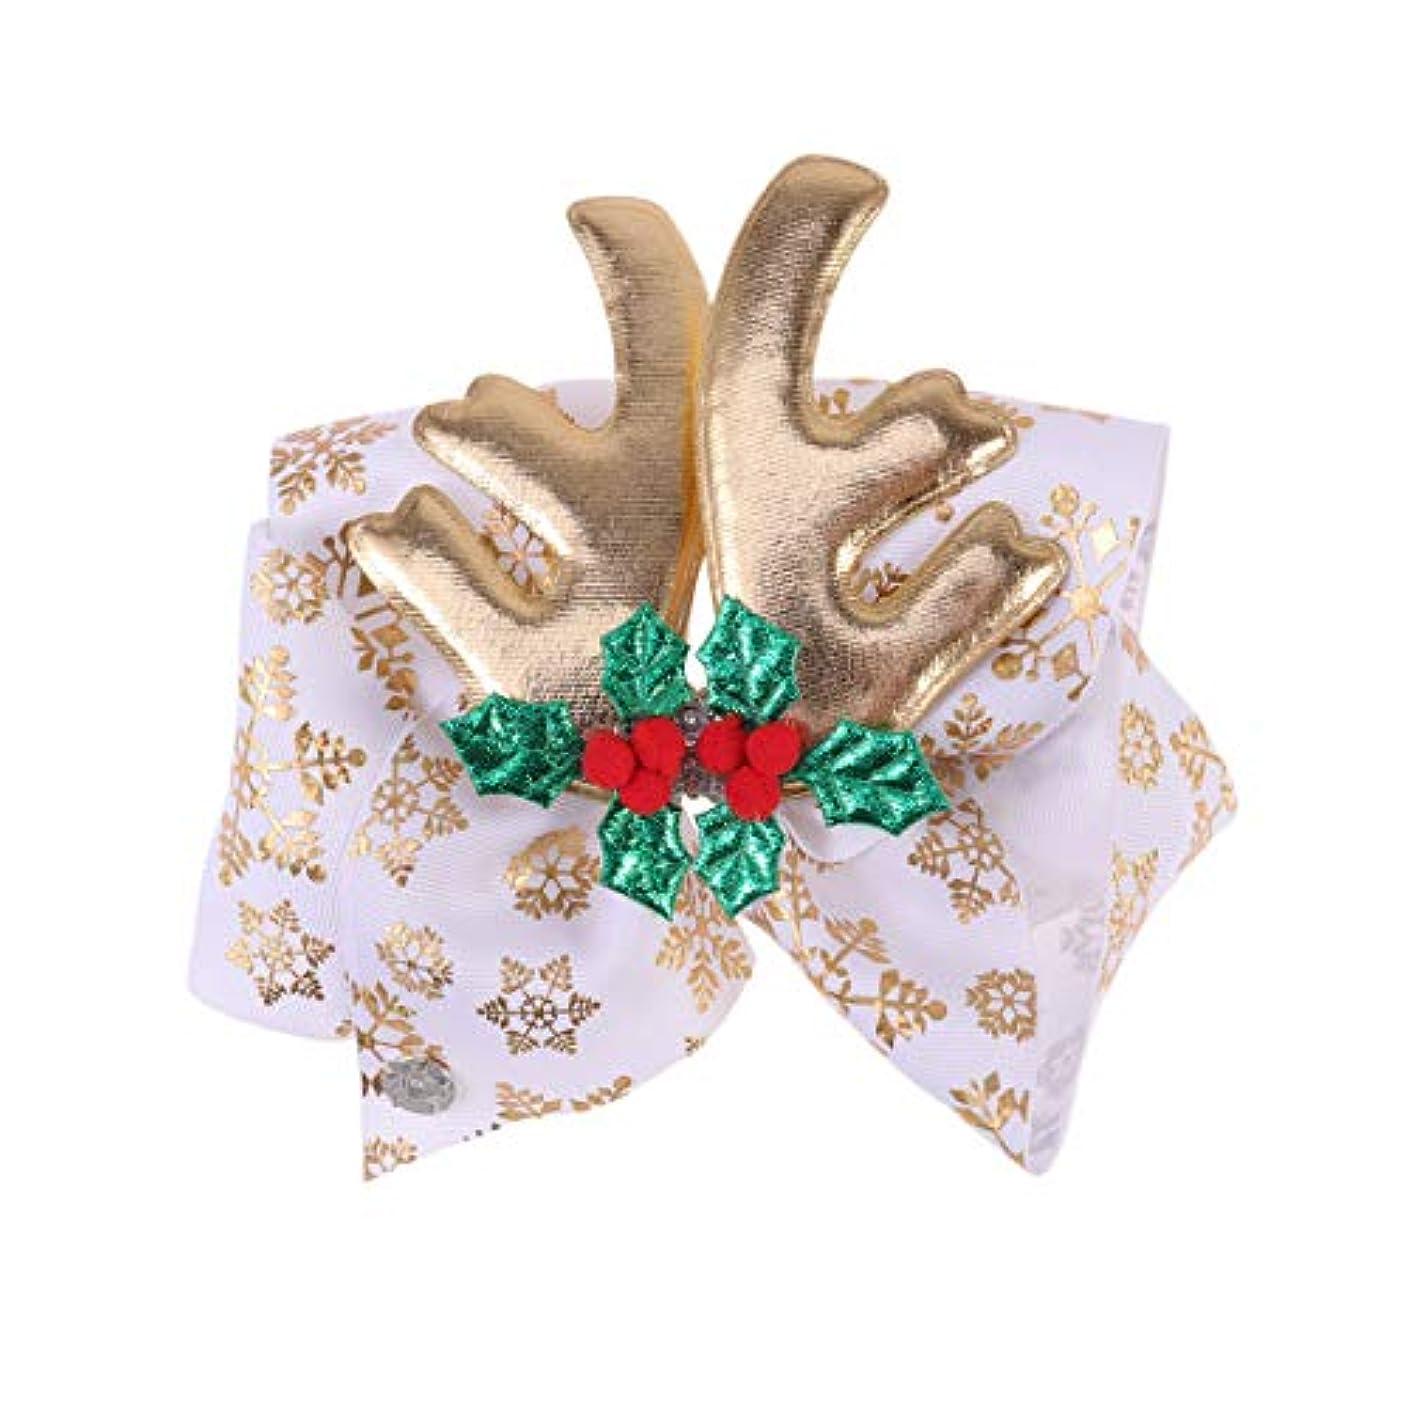 水平吸収剤望むLurrose クリスマスの弓のヘアクリップ枝角ヘアピンクリスマスの日の子供の子供のためのダイヤモンドヘアアクセサリー